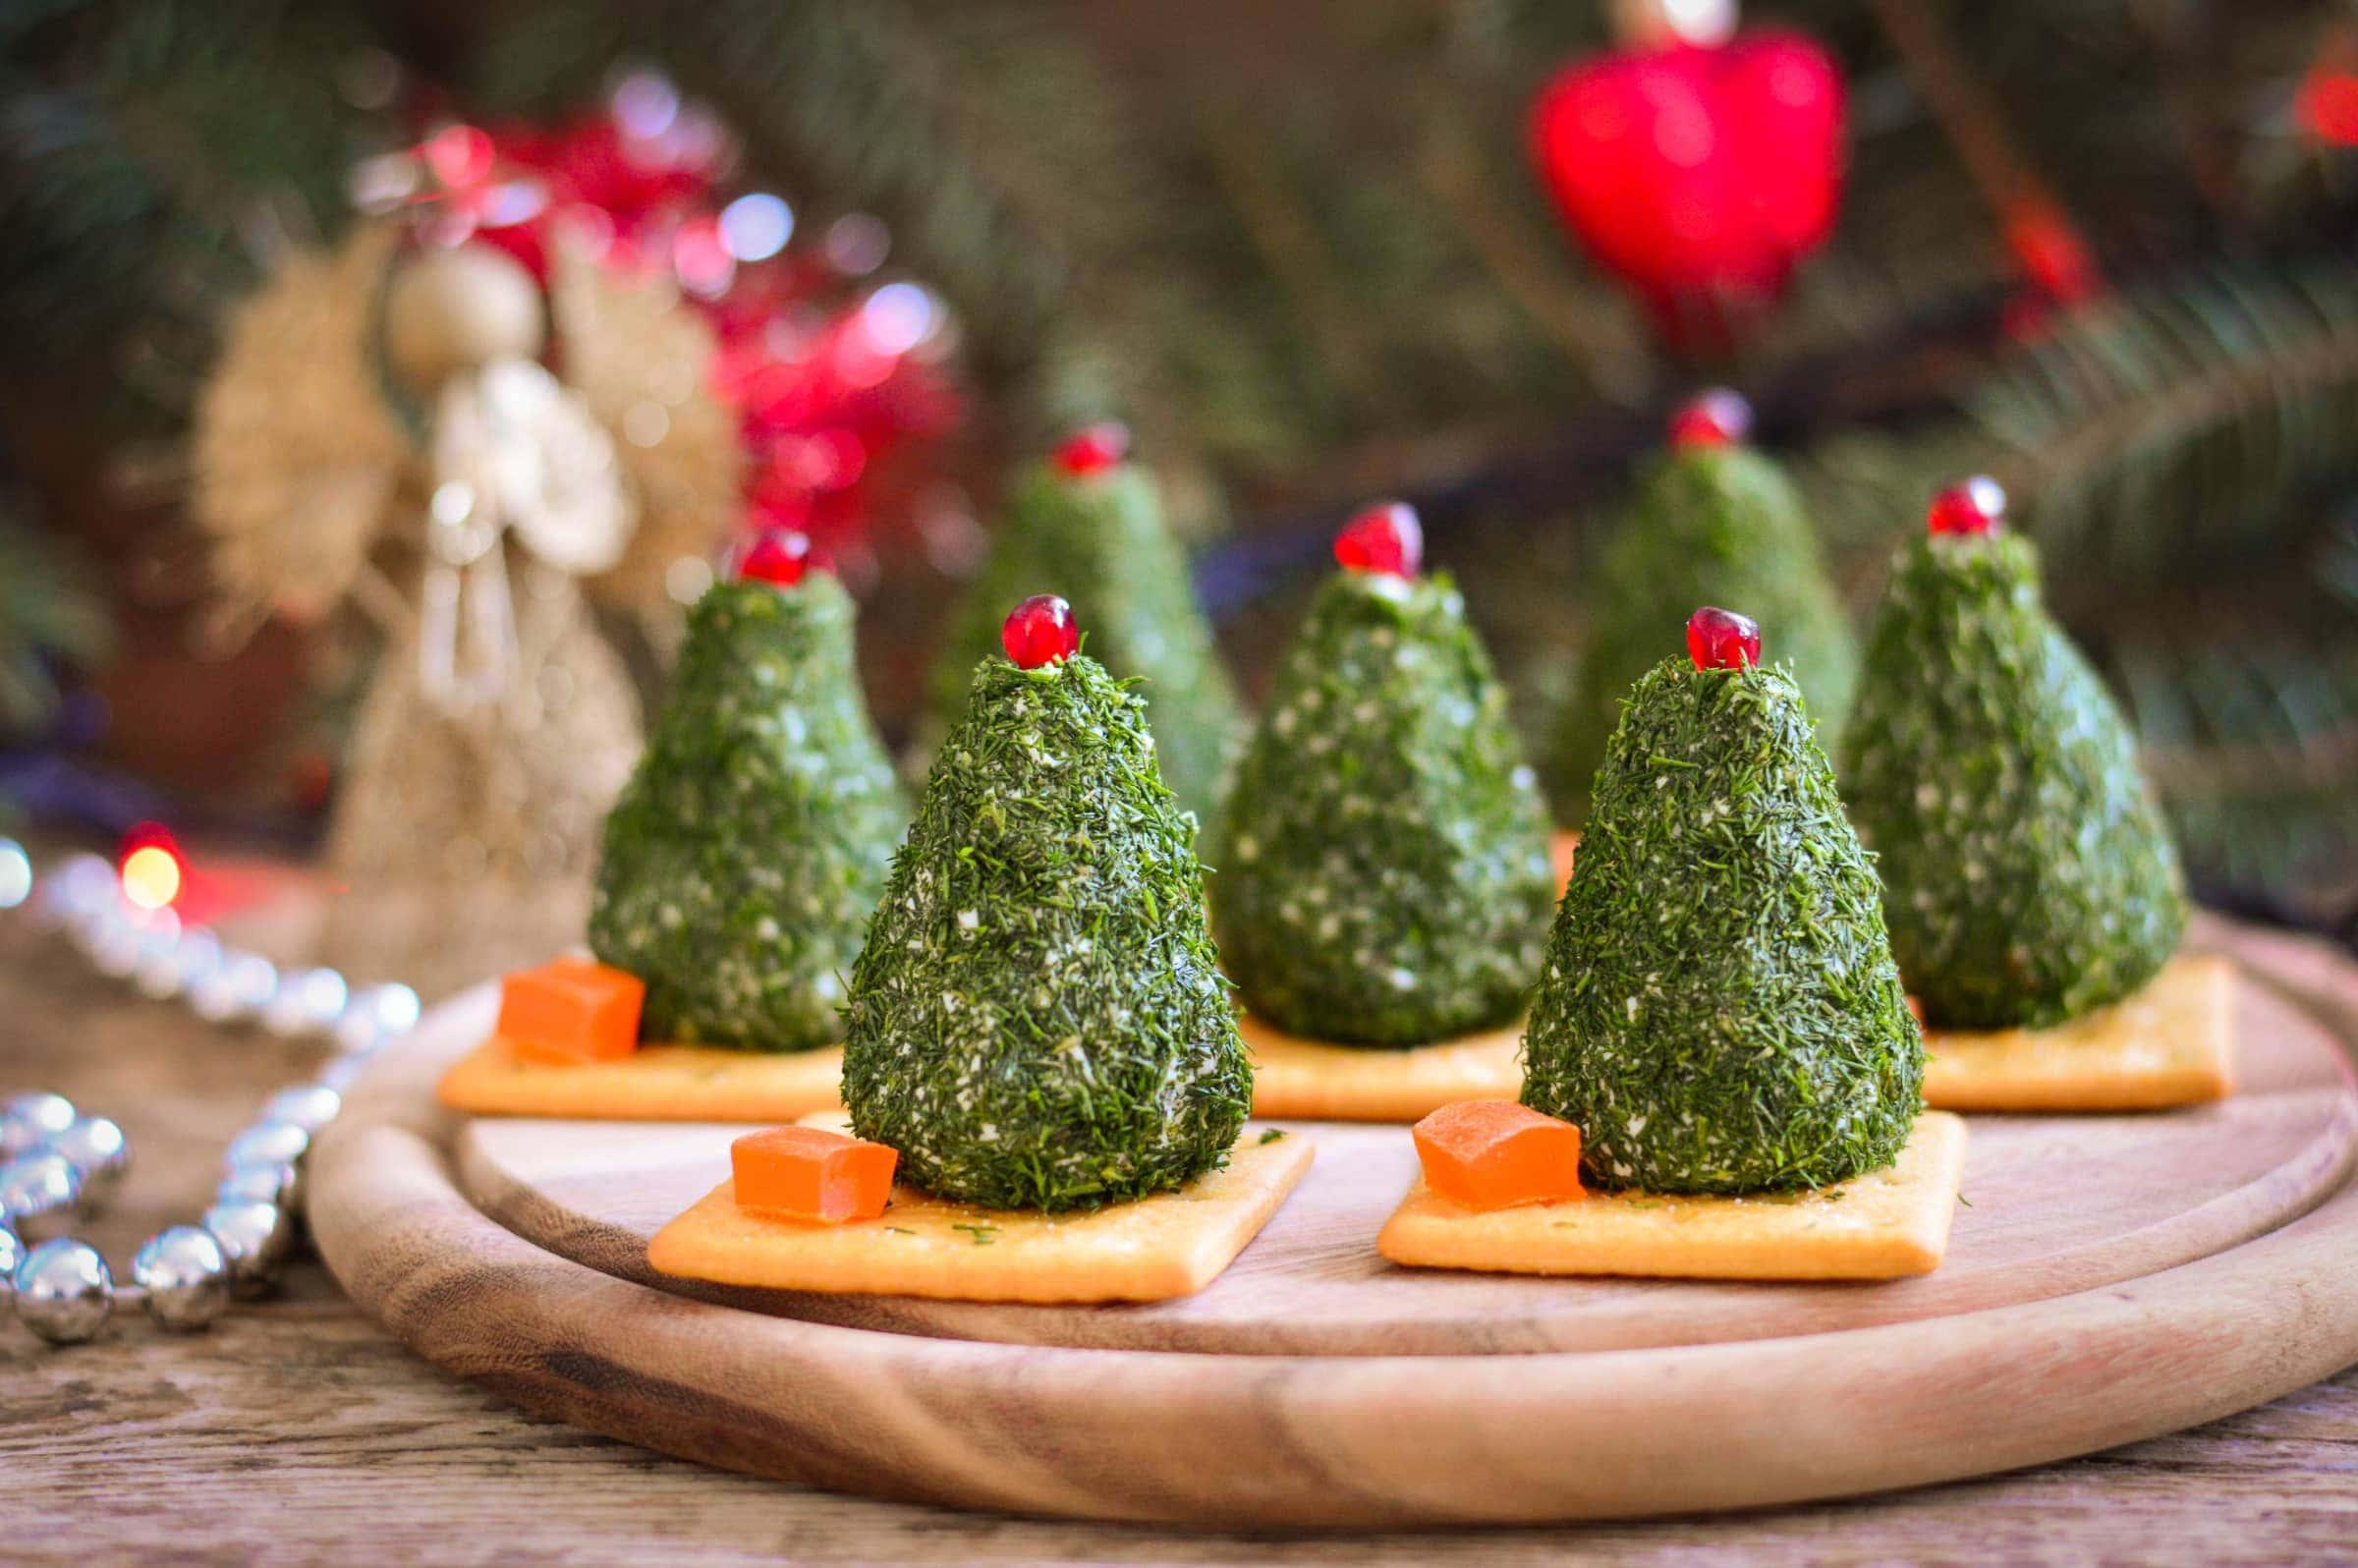 Alberelli Di Natale.Ricetta Alberelli Di Natale Di Formaggio Ed Erbette Il Club Delle Ricette